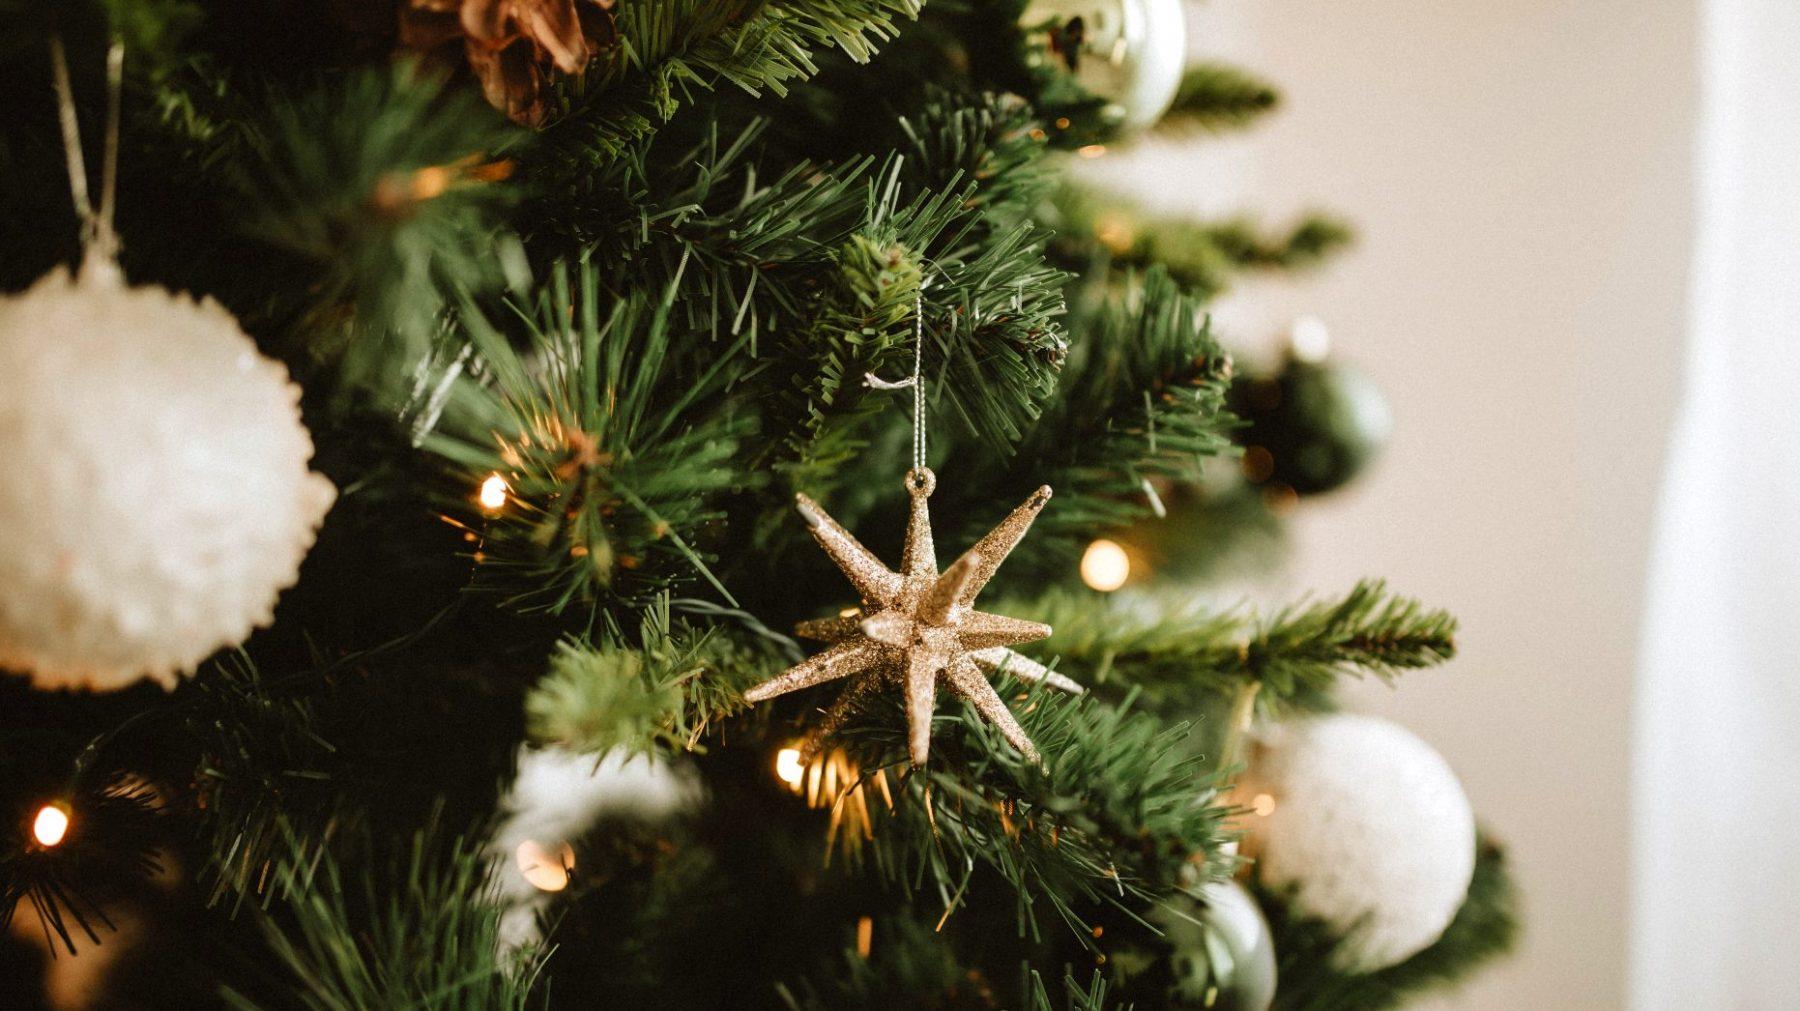 Botanische brouwer Lowlander plant kerstbomenbos en brouwt bier met dennennaalden